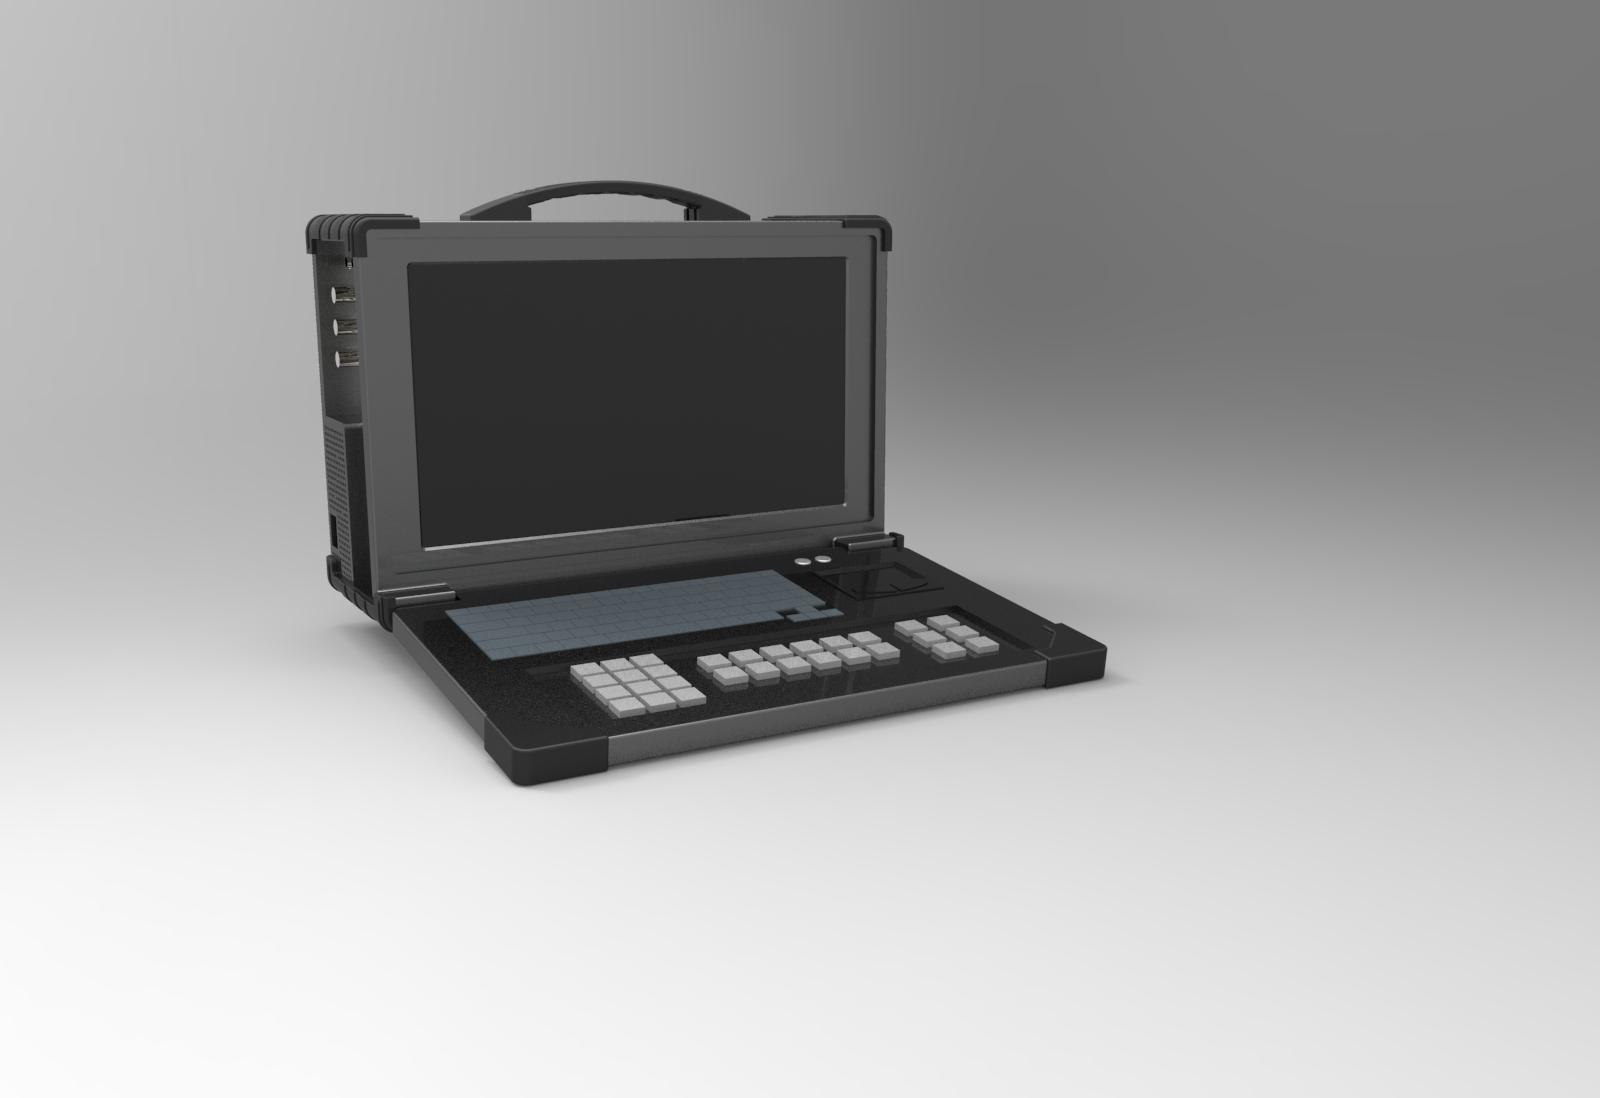 天拓下翻便携式工控机:TEC-4517S–E5